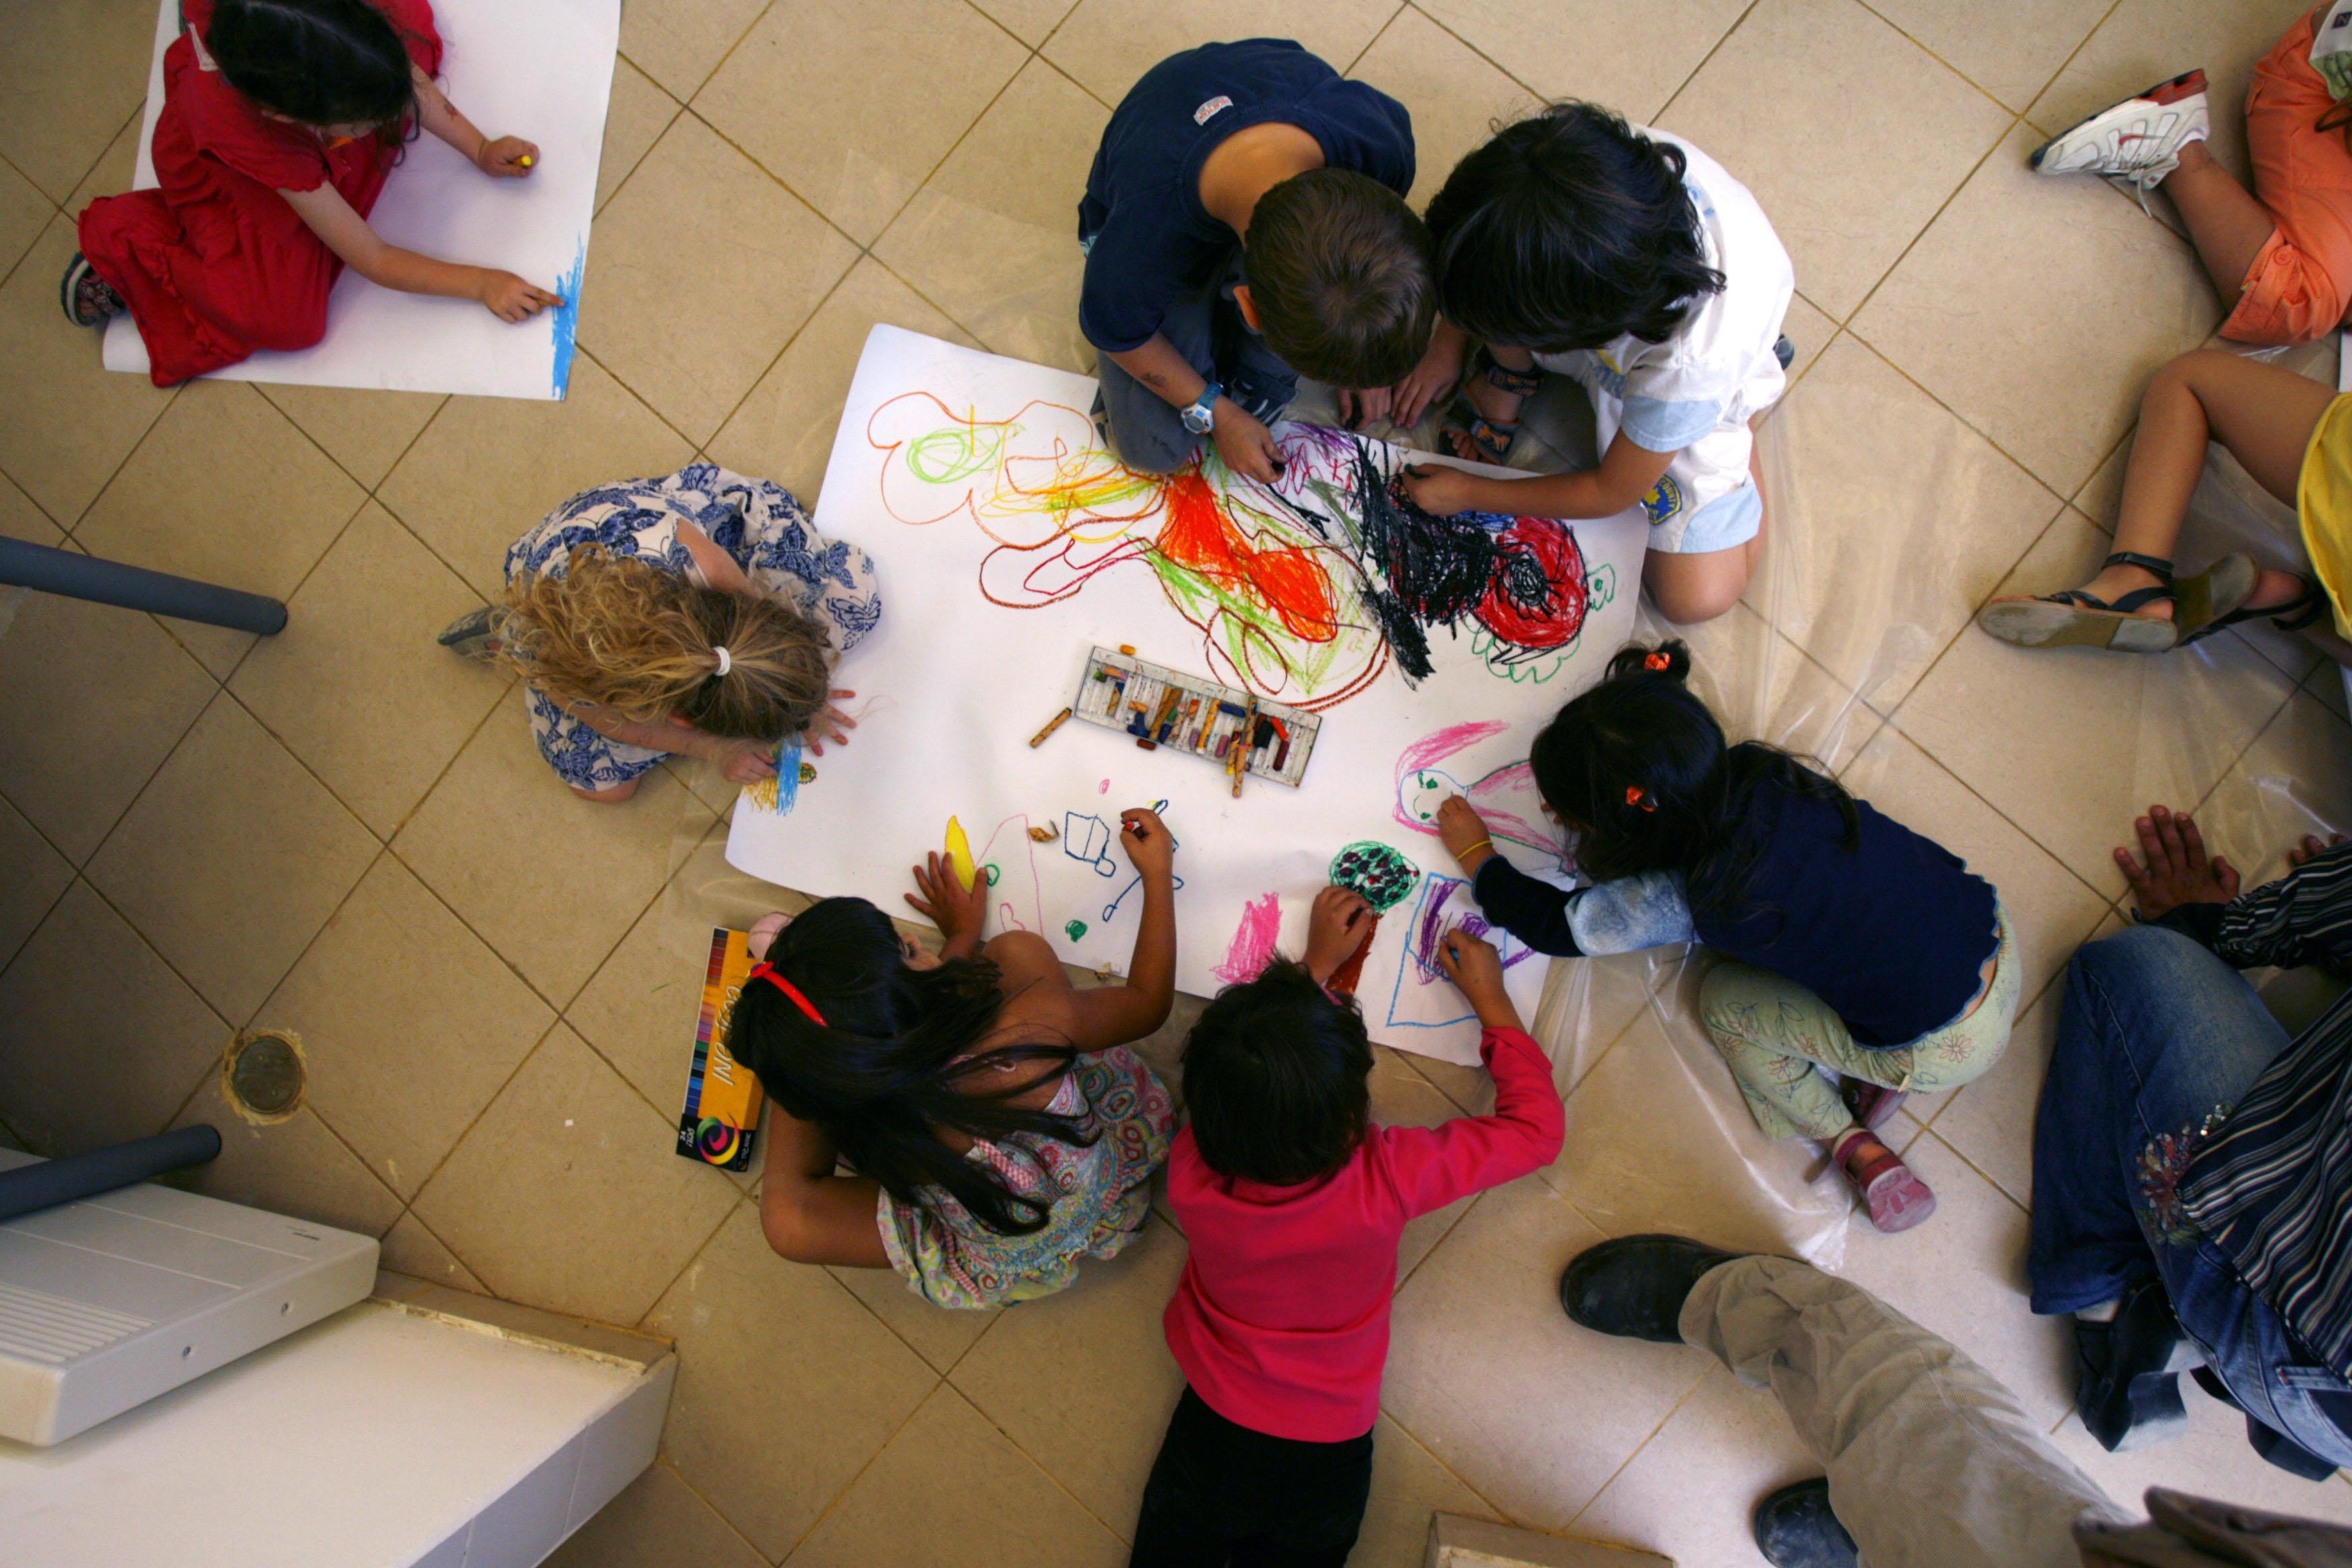 Teaching preschoolers learning strategies: 'What' meets 'how'